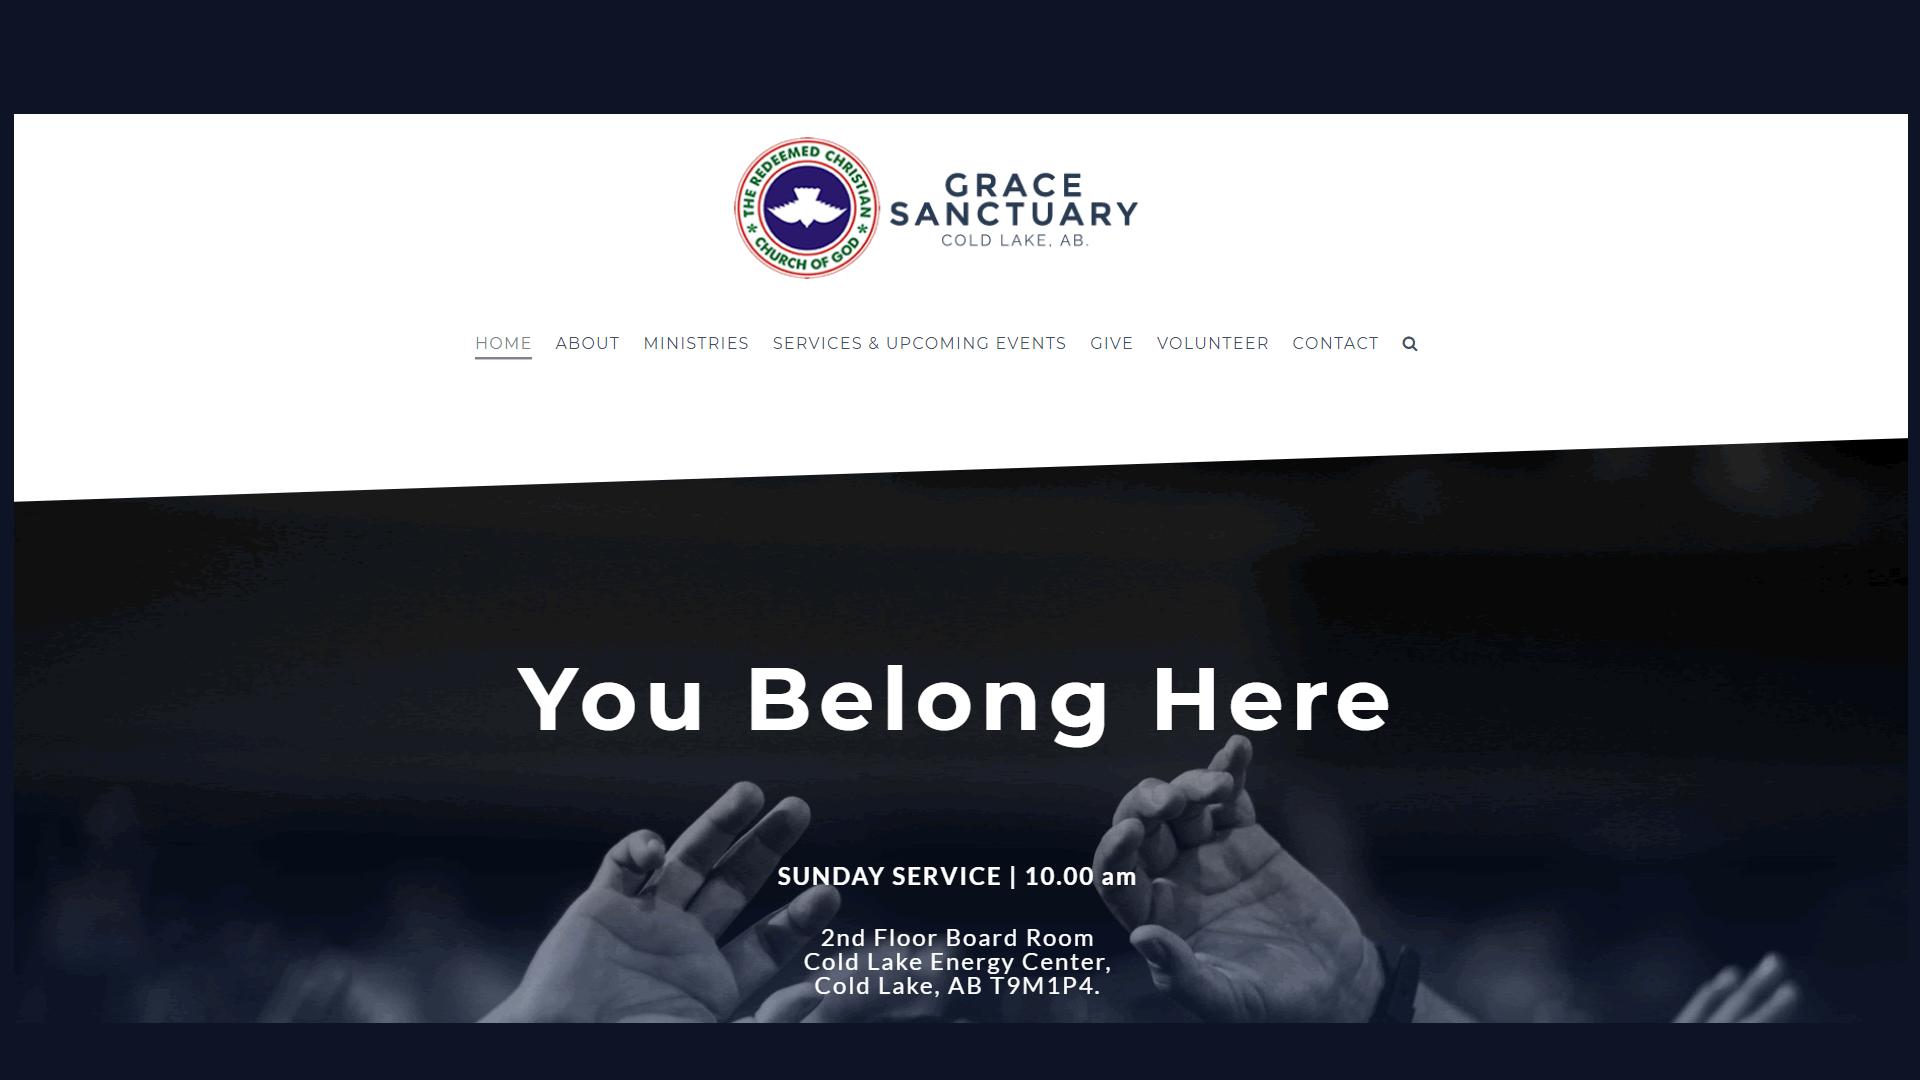 Website Project for Grace Sanctuary RCCG